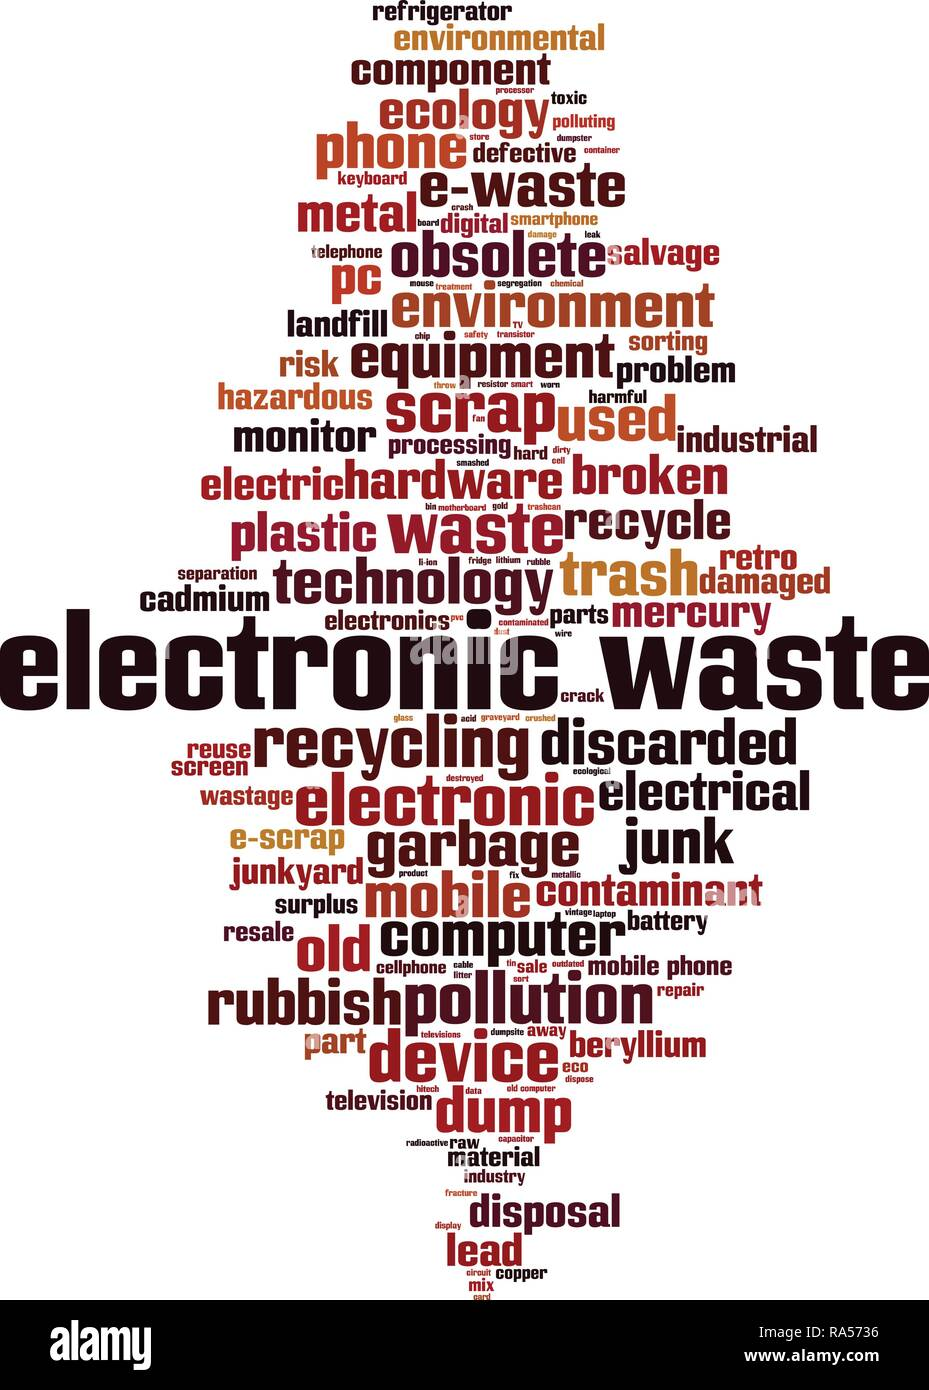 Los residuos electrónicos palabra nube concepto. Ilustración vectorial Imagen De Stock